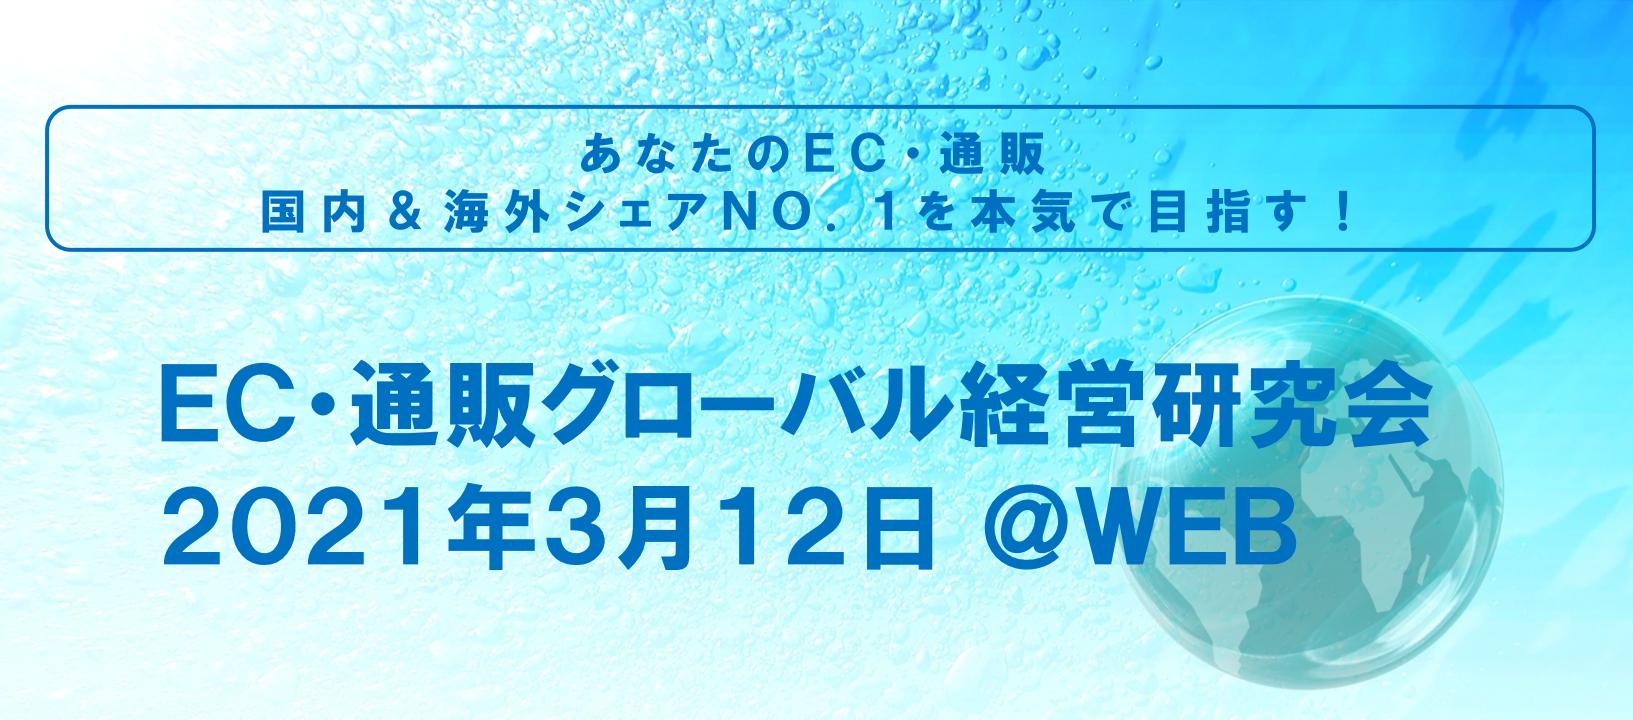 東京開催 EC先進企業 「ピアリビング」様 ご講演セミナー